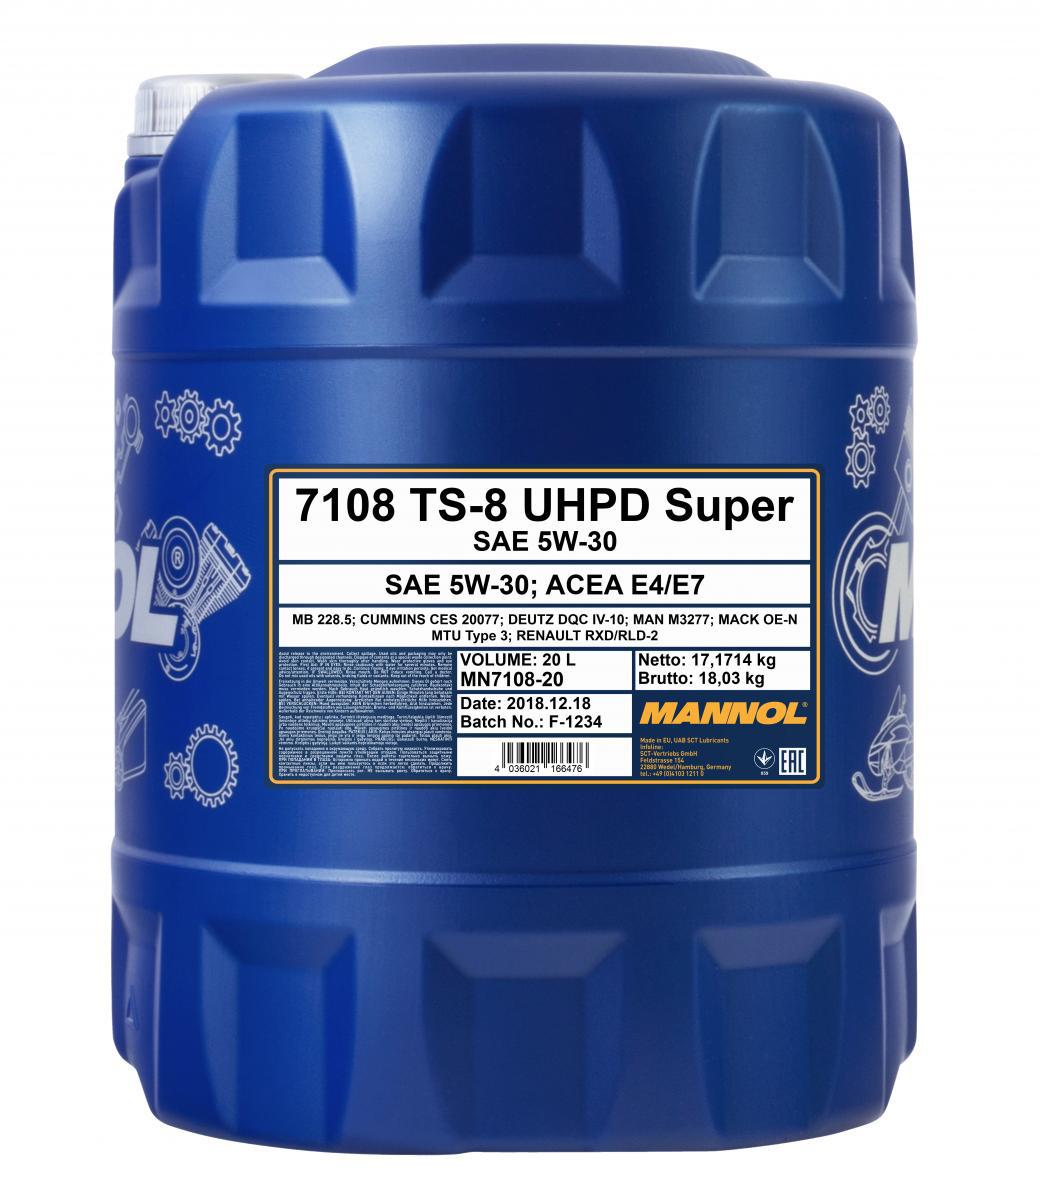 TS-8 UHPD Super 5W-30